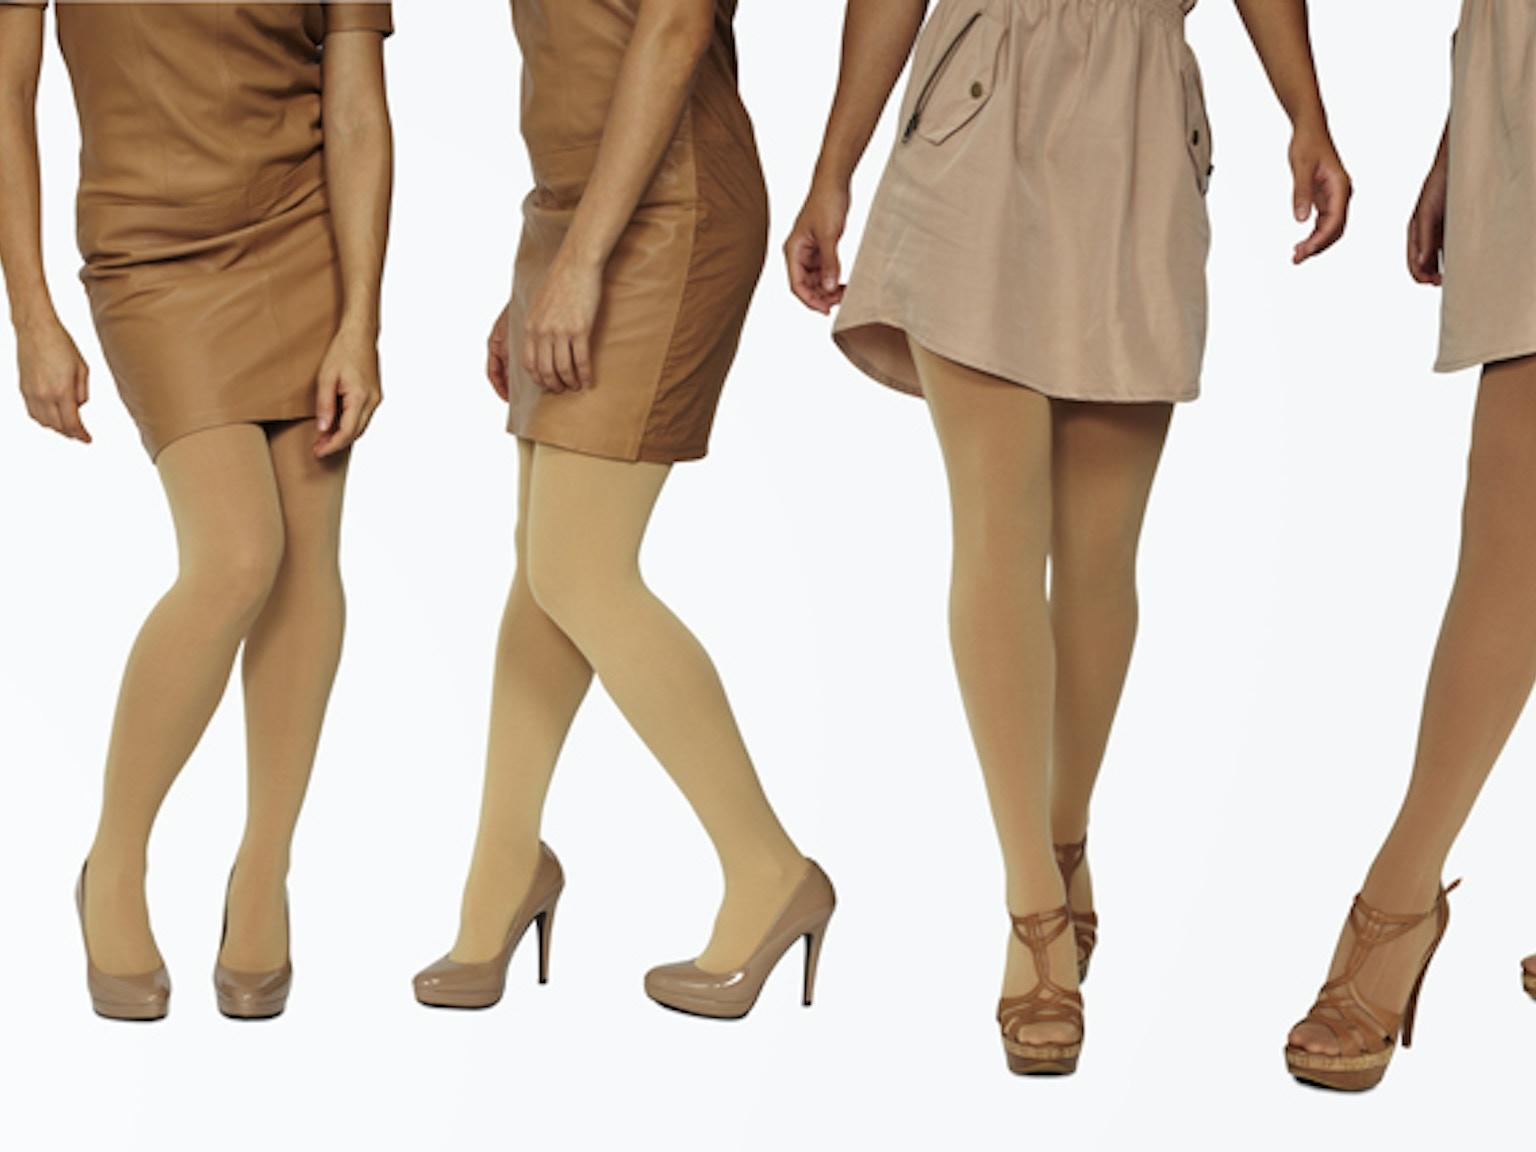 Nude Barre: Reinventing Underwear by Erin Carpenter » Take